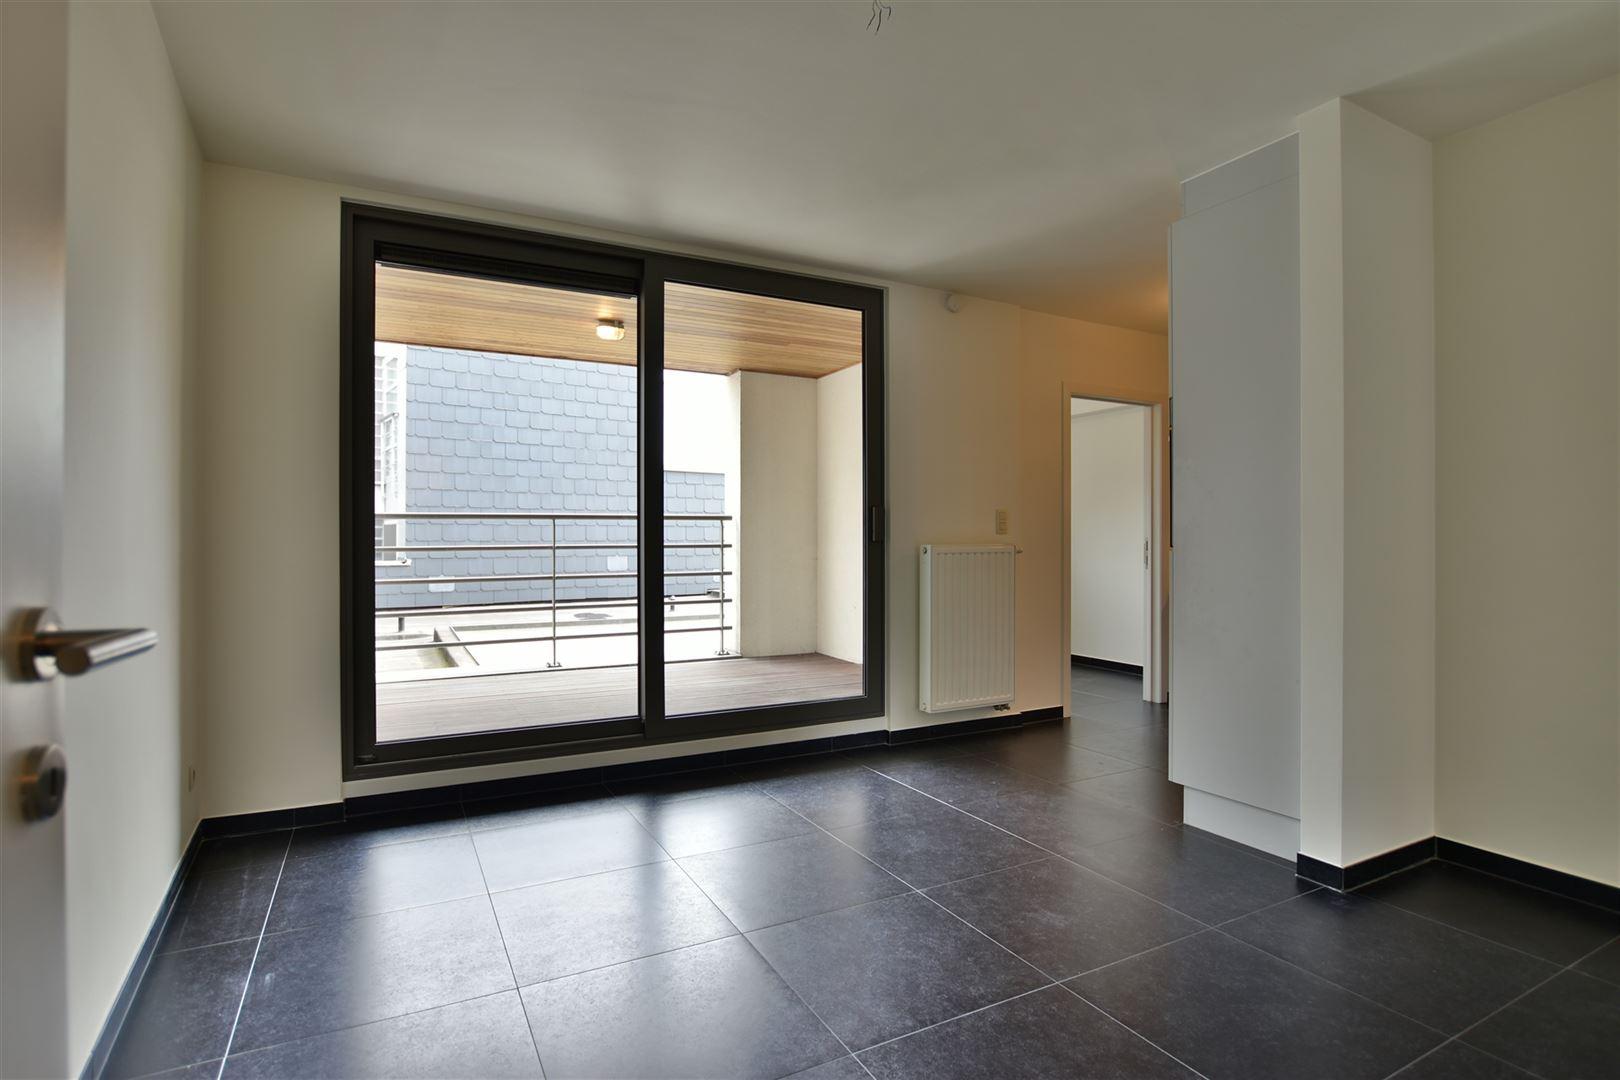 Foto 8 : Appartement te 9200 Sint-Gillis-bij-Dendermonde (België) - Prijs € 278.000